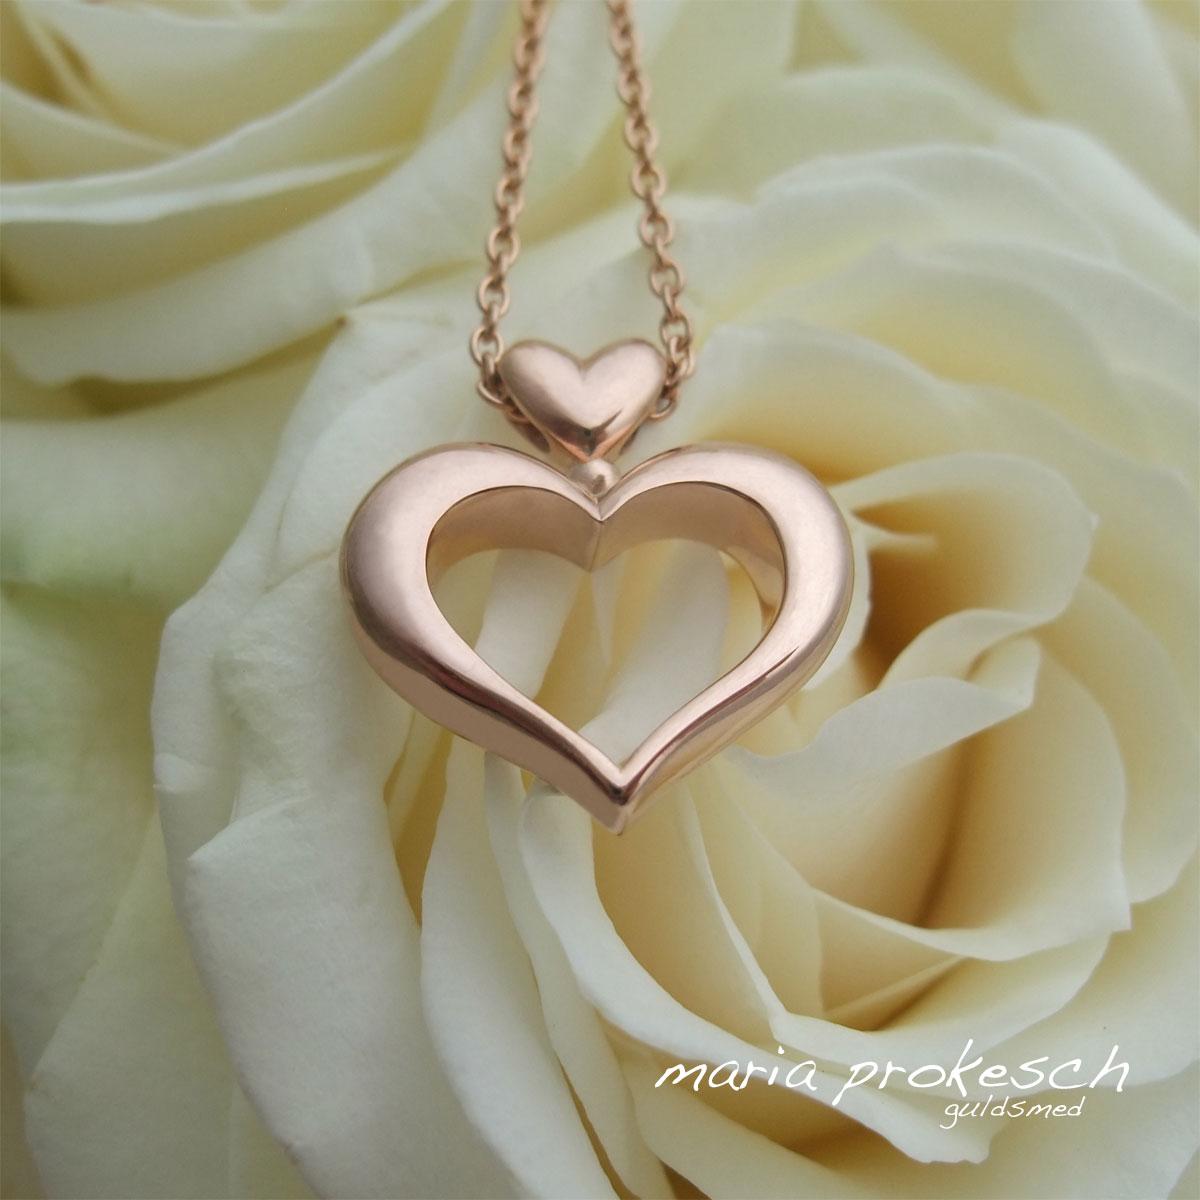 Håndlavet hjertevedhæng, buttet hjerte i rosaguld. Lille hjerte som ophæng. Som bryllupsgave eller mor barn smykke